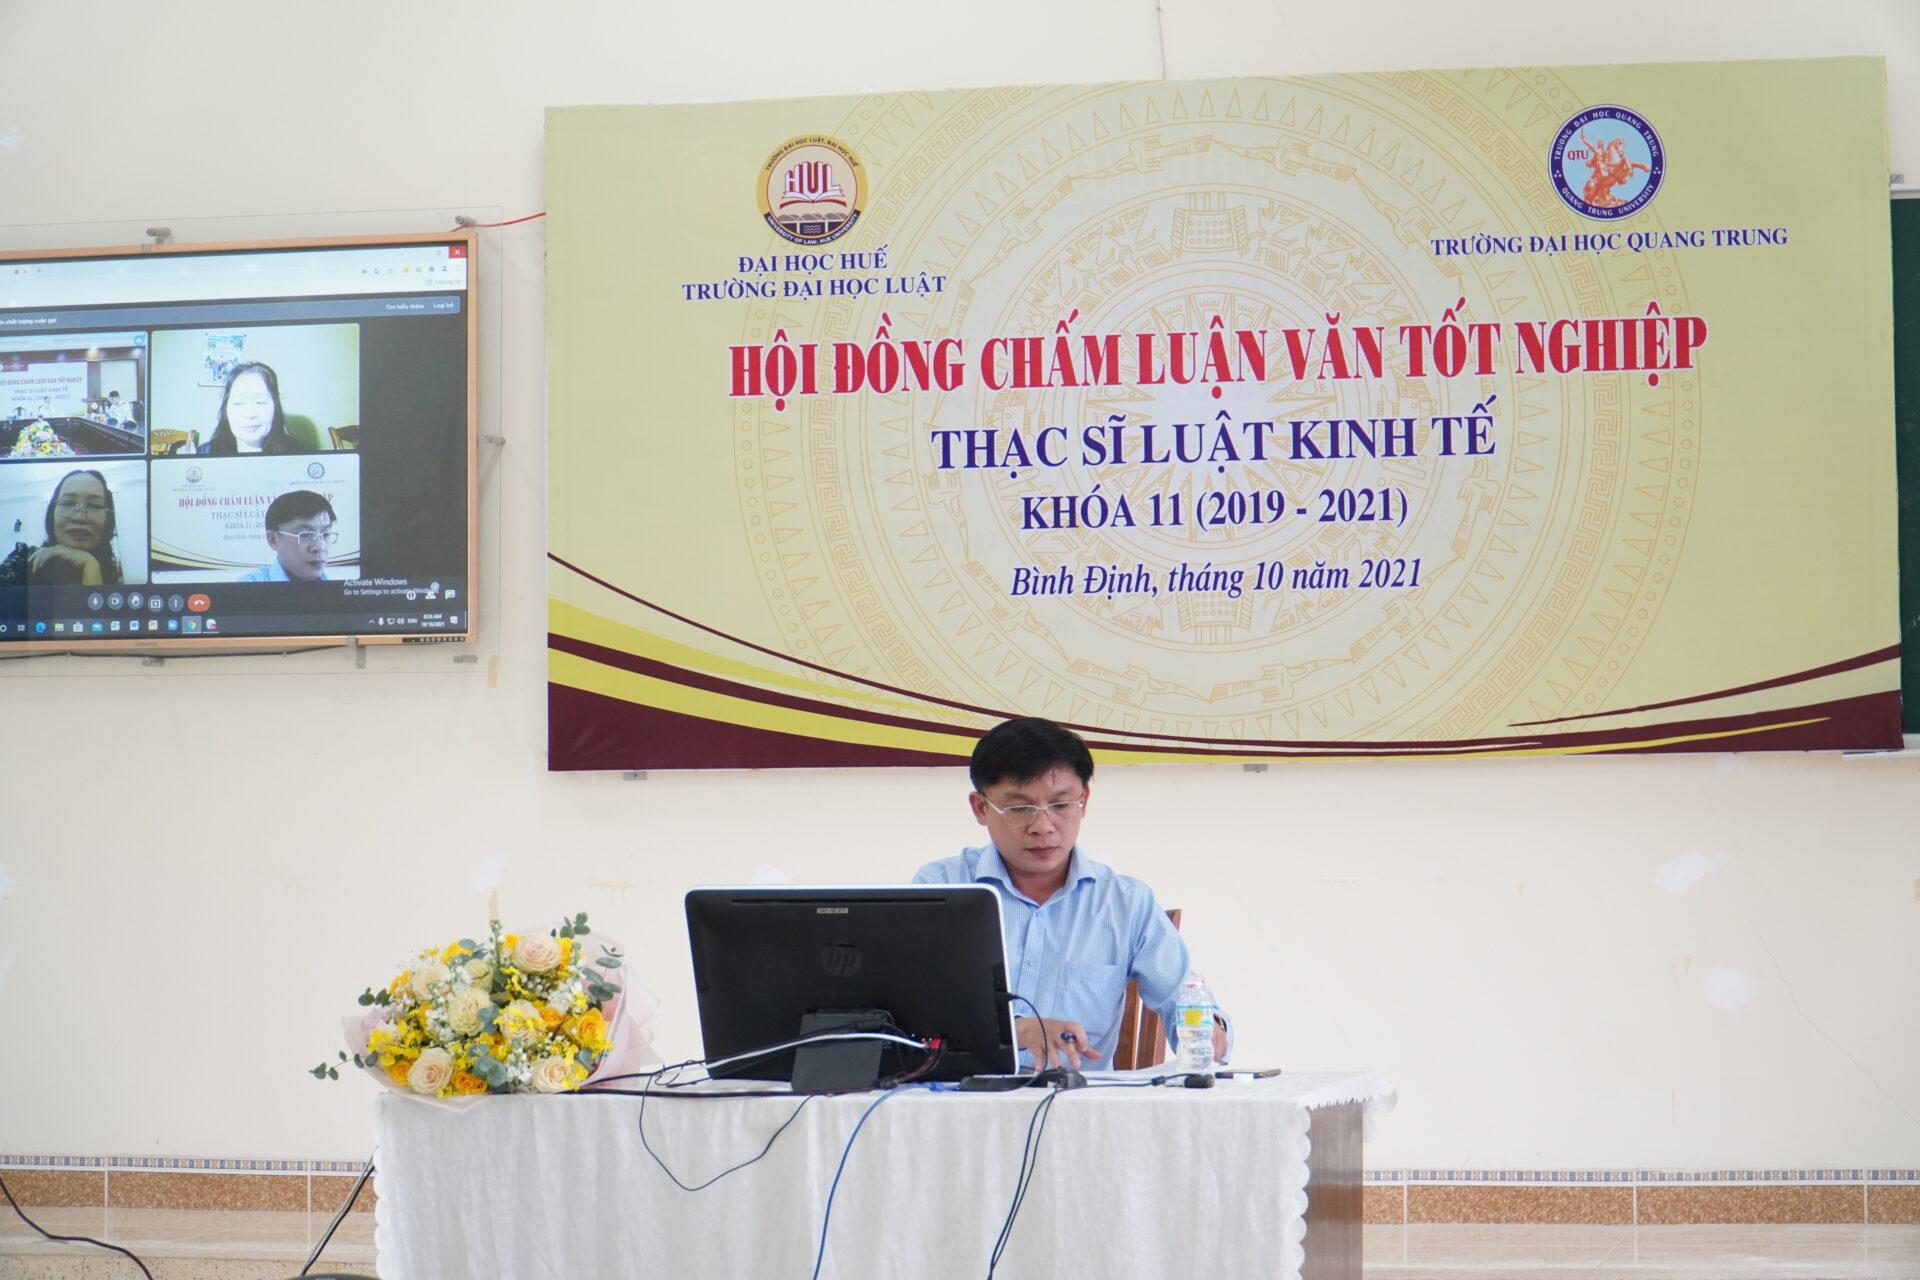 Trường ĐH Luật (Đại học Huế) phối hợp cùng Trường ĐH Quang Trung tổ chức Hội đồng chấm luận văn tốt nghiệp Thạc sĩ Luật tại Bình Định